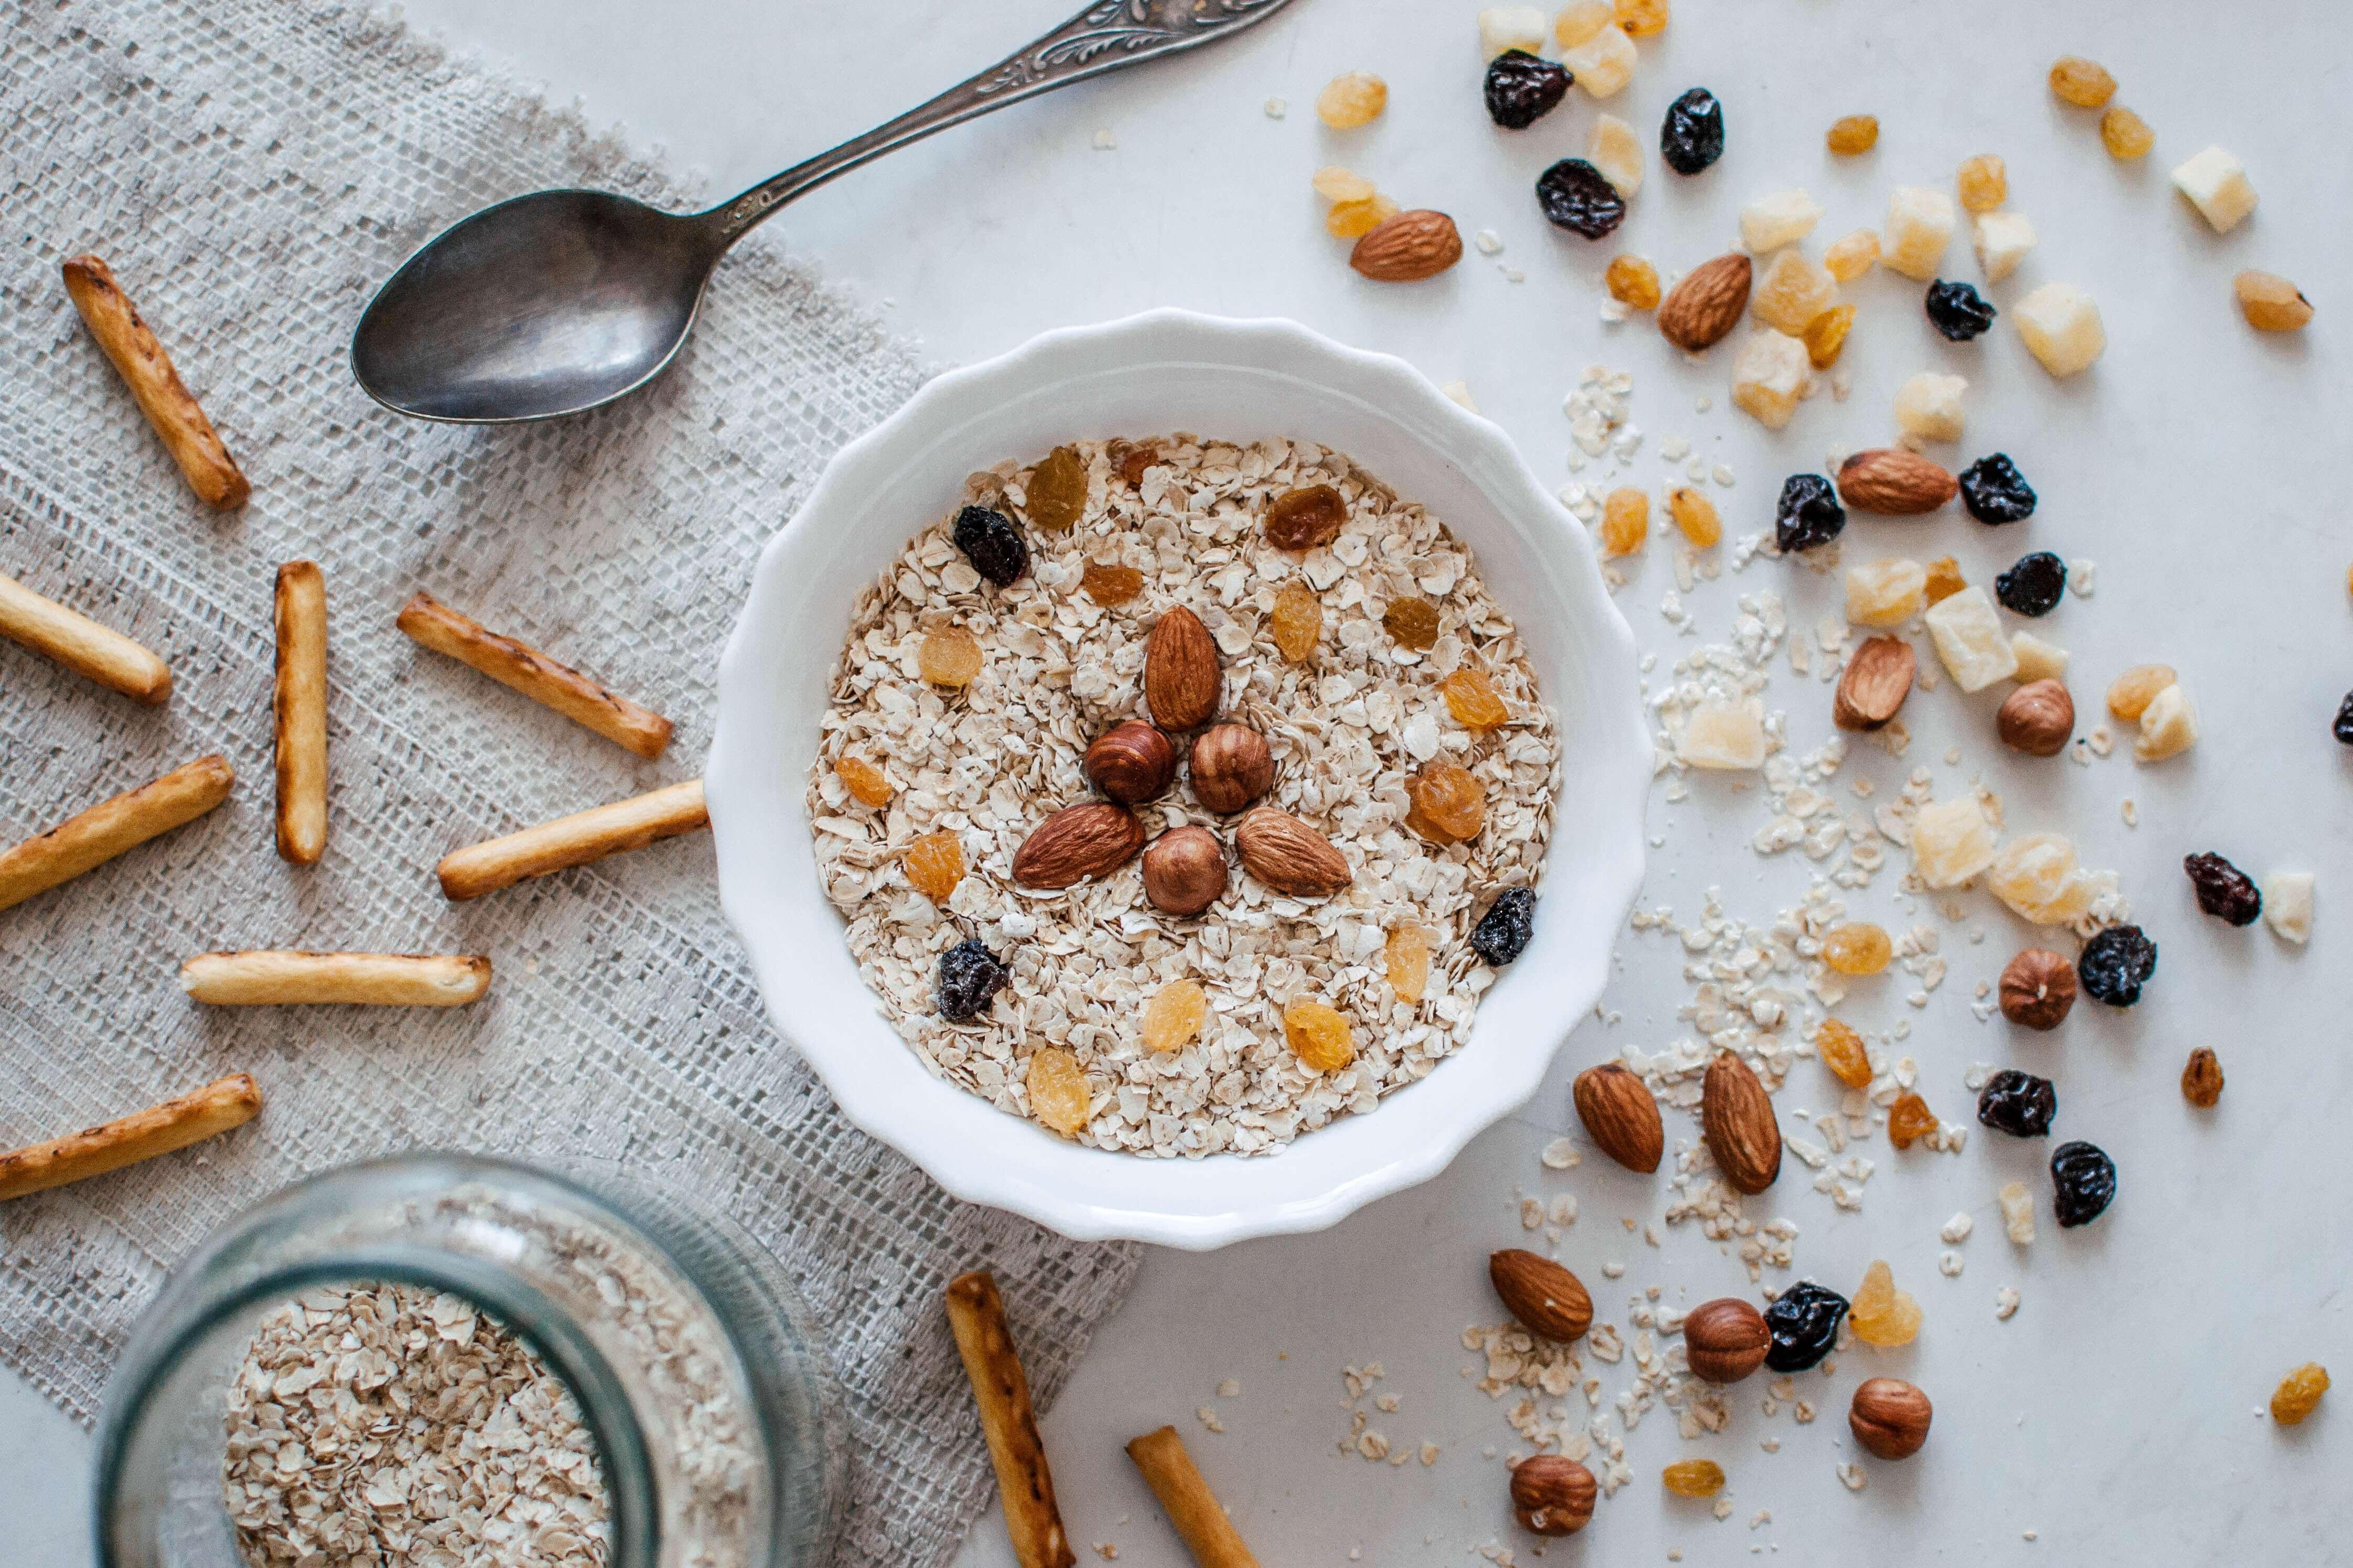 Znanstvenici pronašli još jedan dodatak prehrani koji može pomoći u borbi s koronom